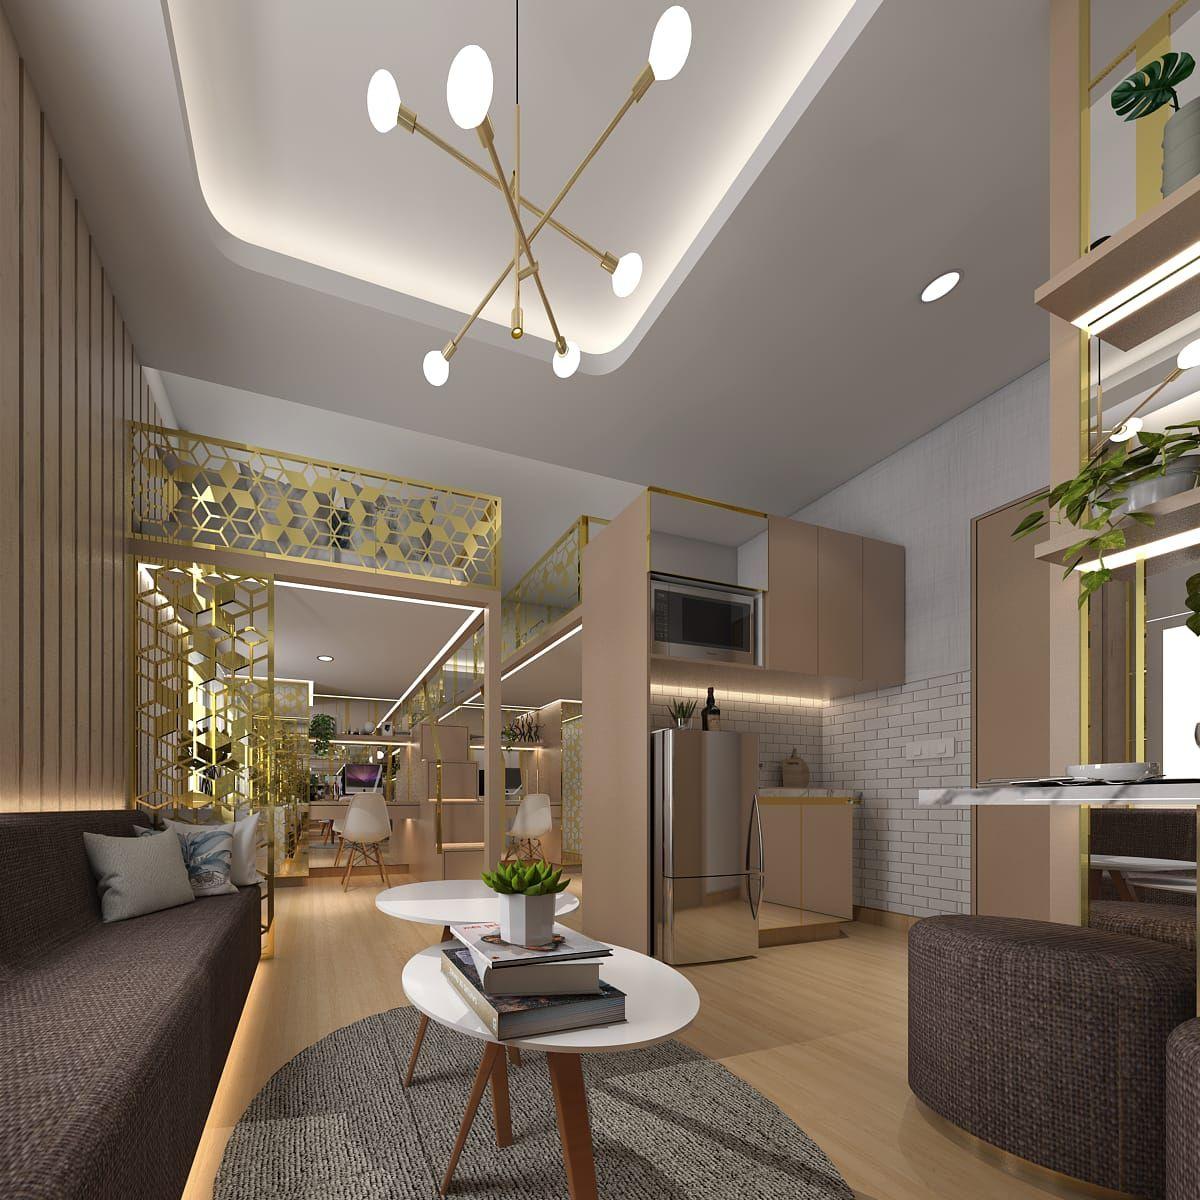 Show Unit Gucii 3 Apartment Depok (2)